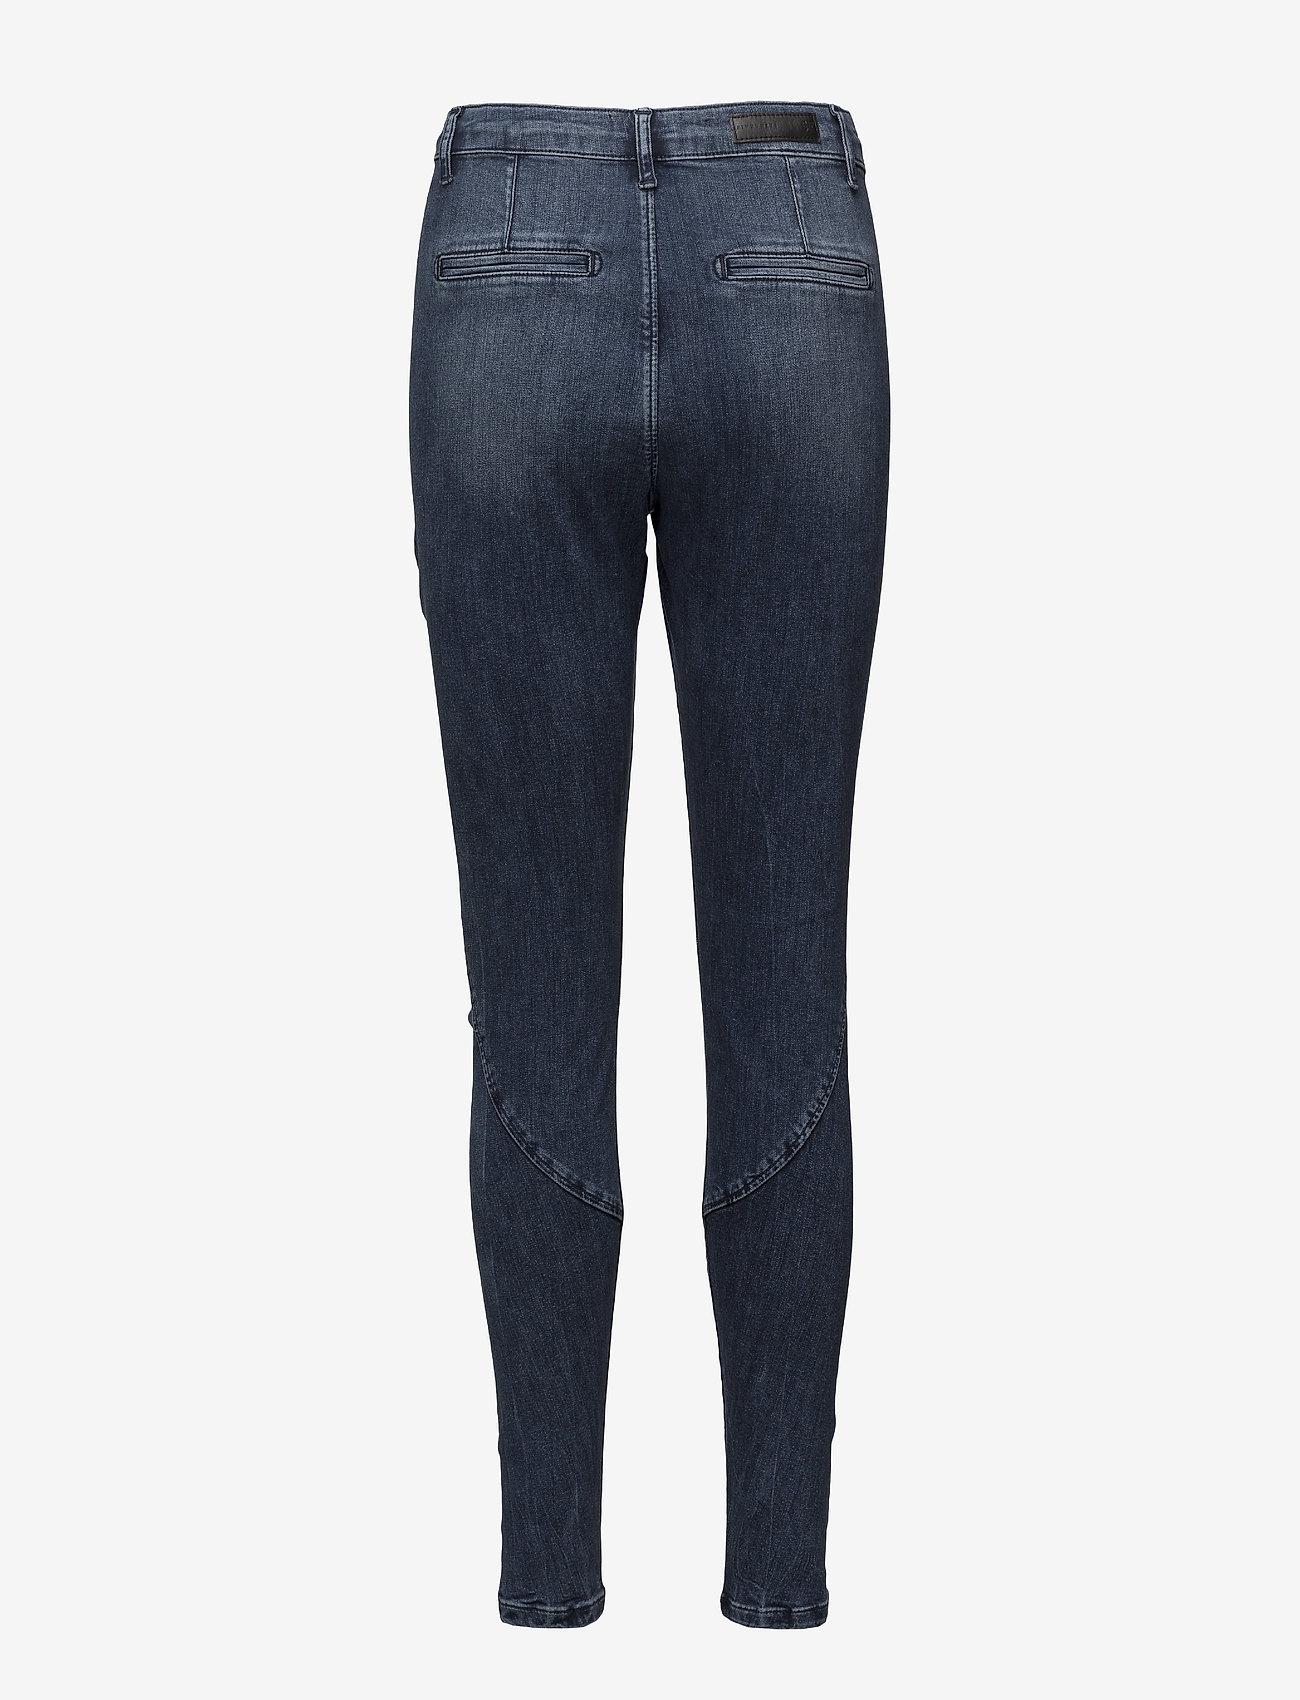 FIVEUNITS - Jolie 727 - raka jeans - dark albany - 1